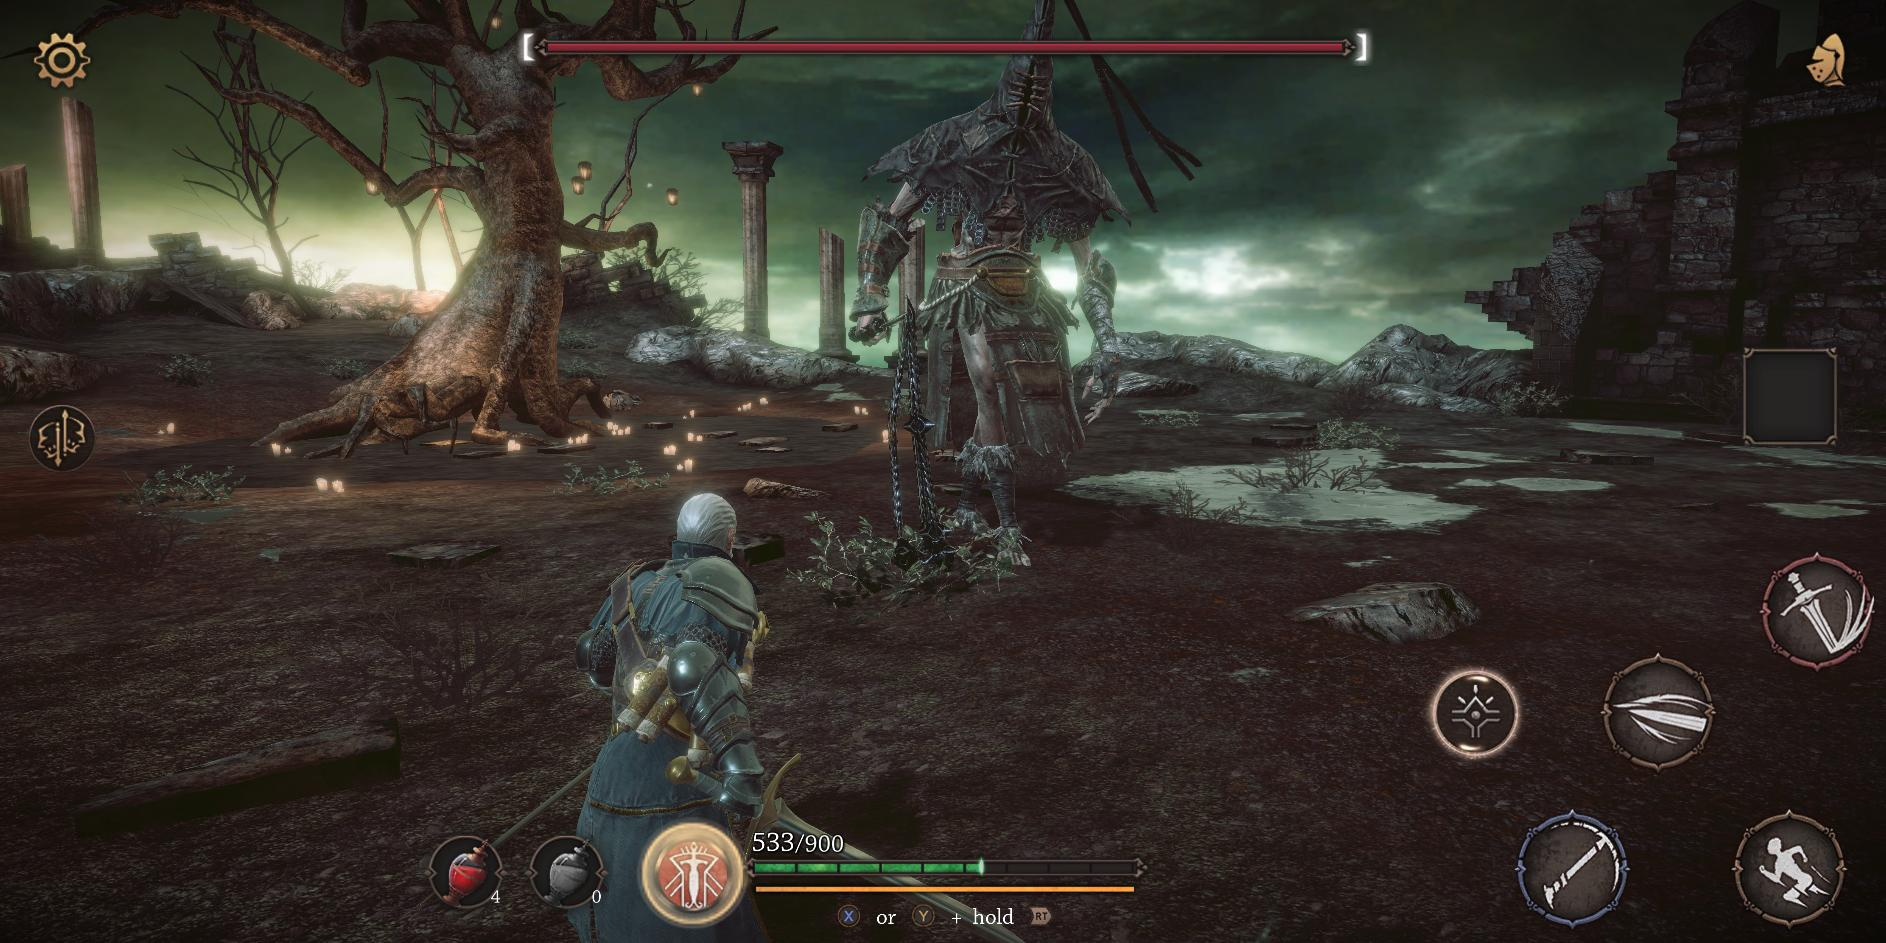 Новая Игра в Стиле Dark Souls (Andorid/iOS)